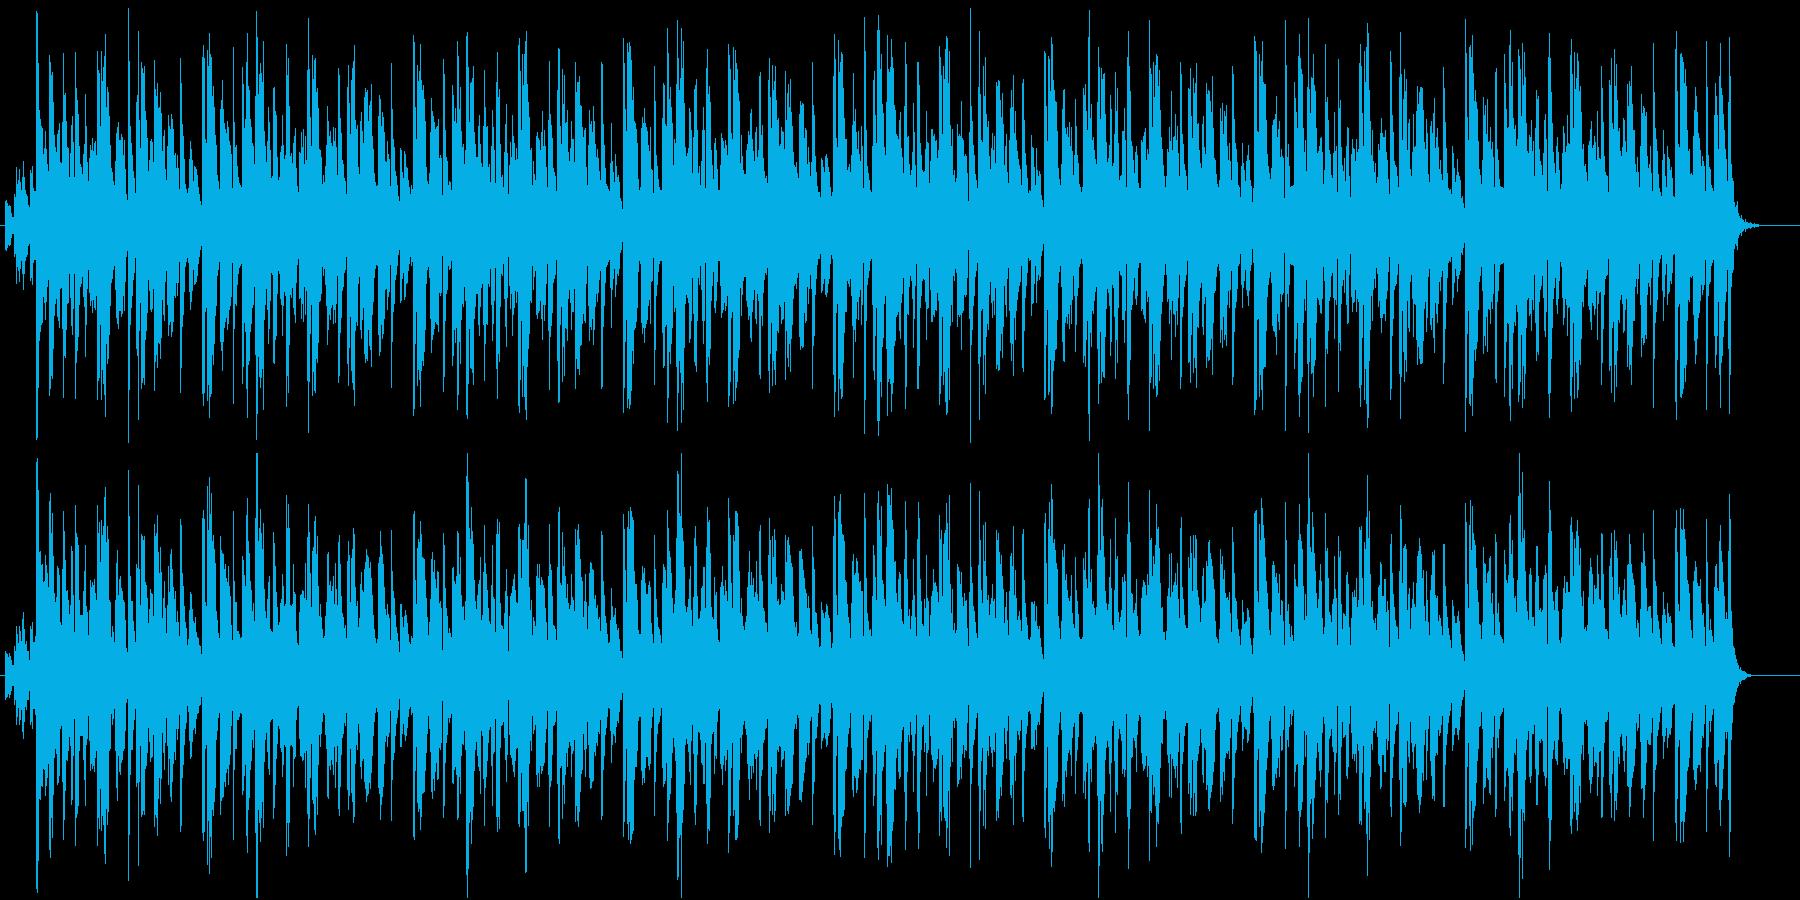 常夏の海辺に最適、カリビアンなレゲエ調曲の再生済みの波形